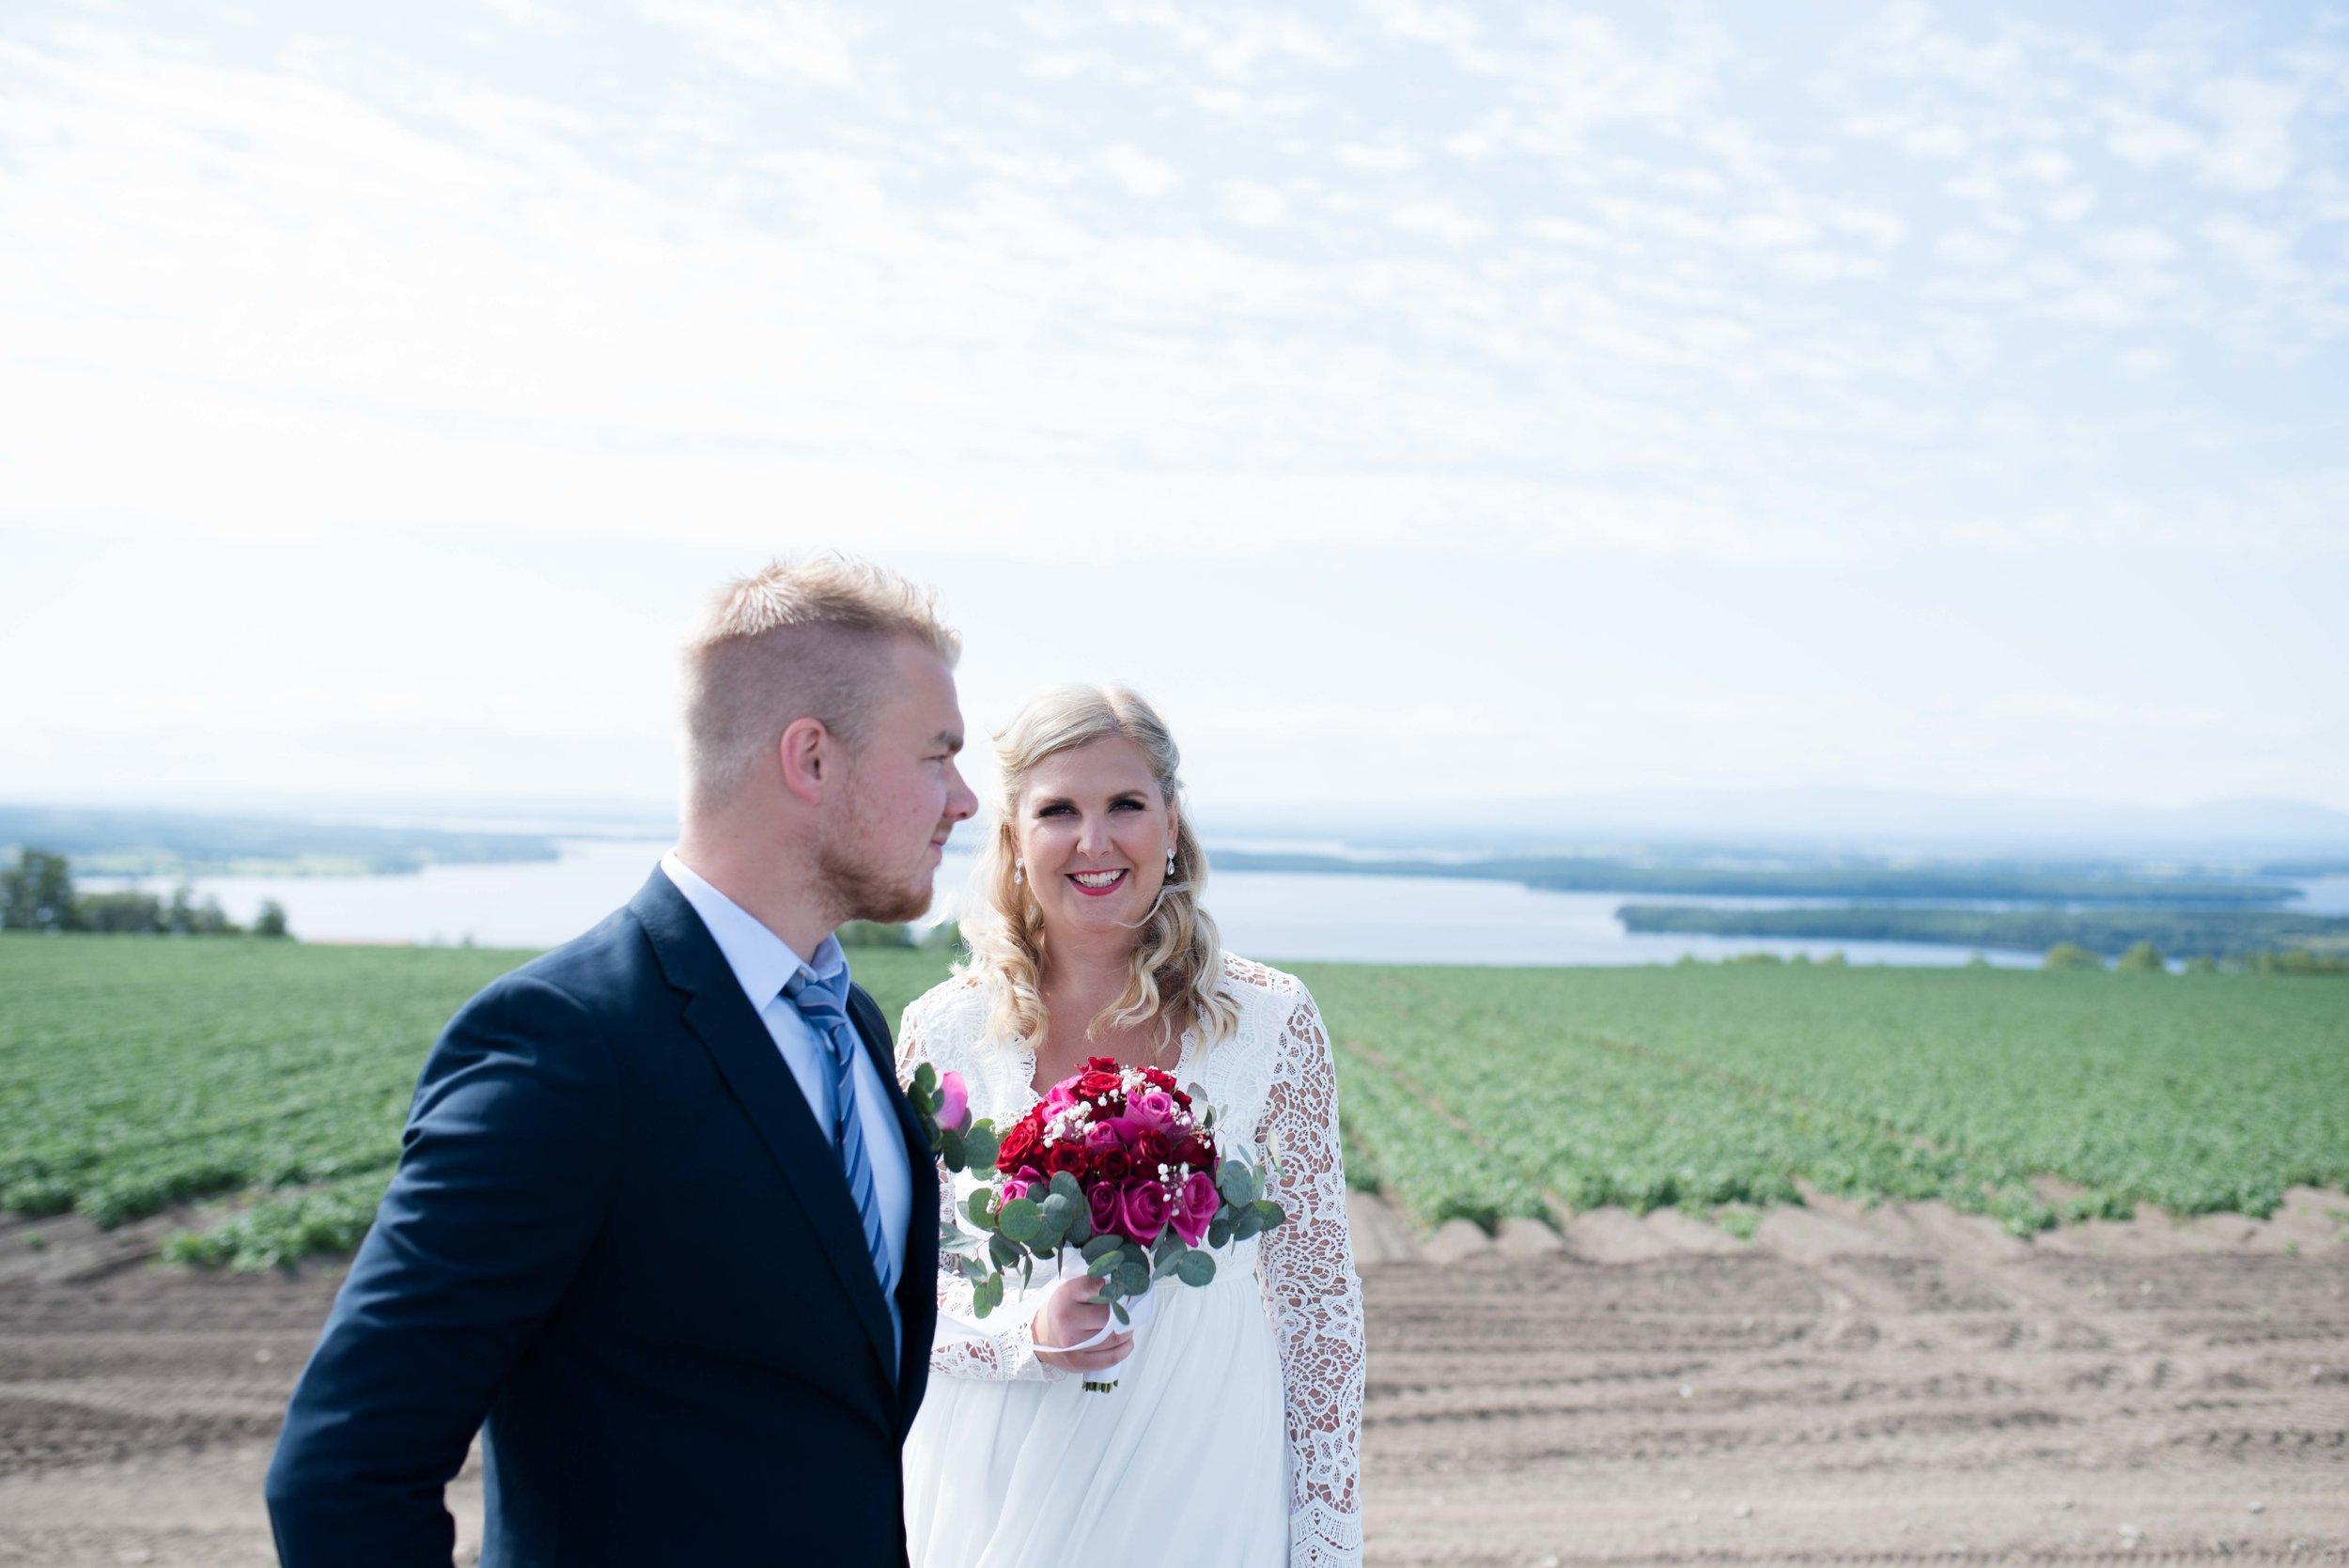 Bröllop2019lågkvall-4928.jpg